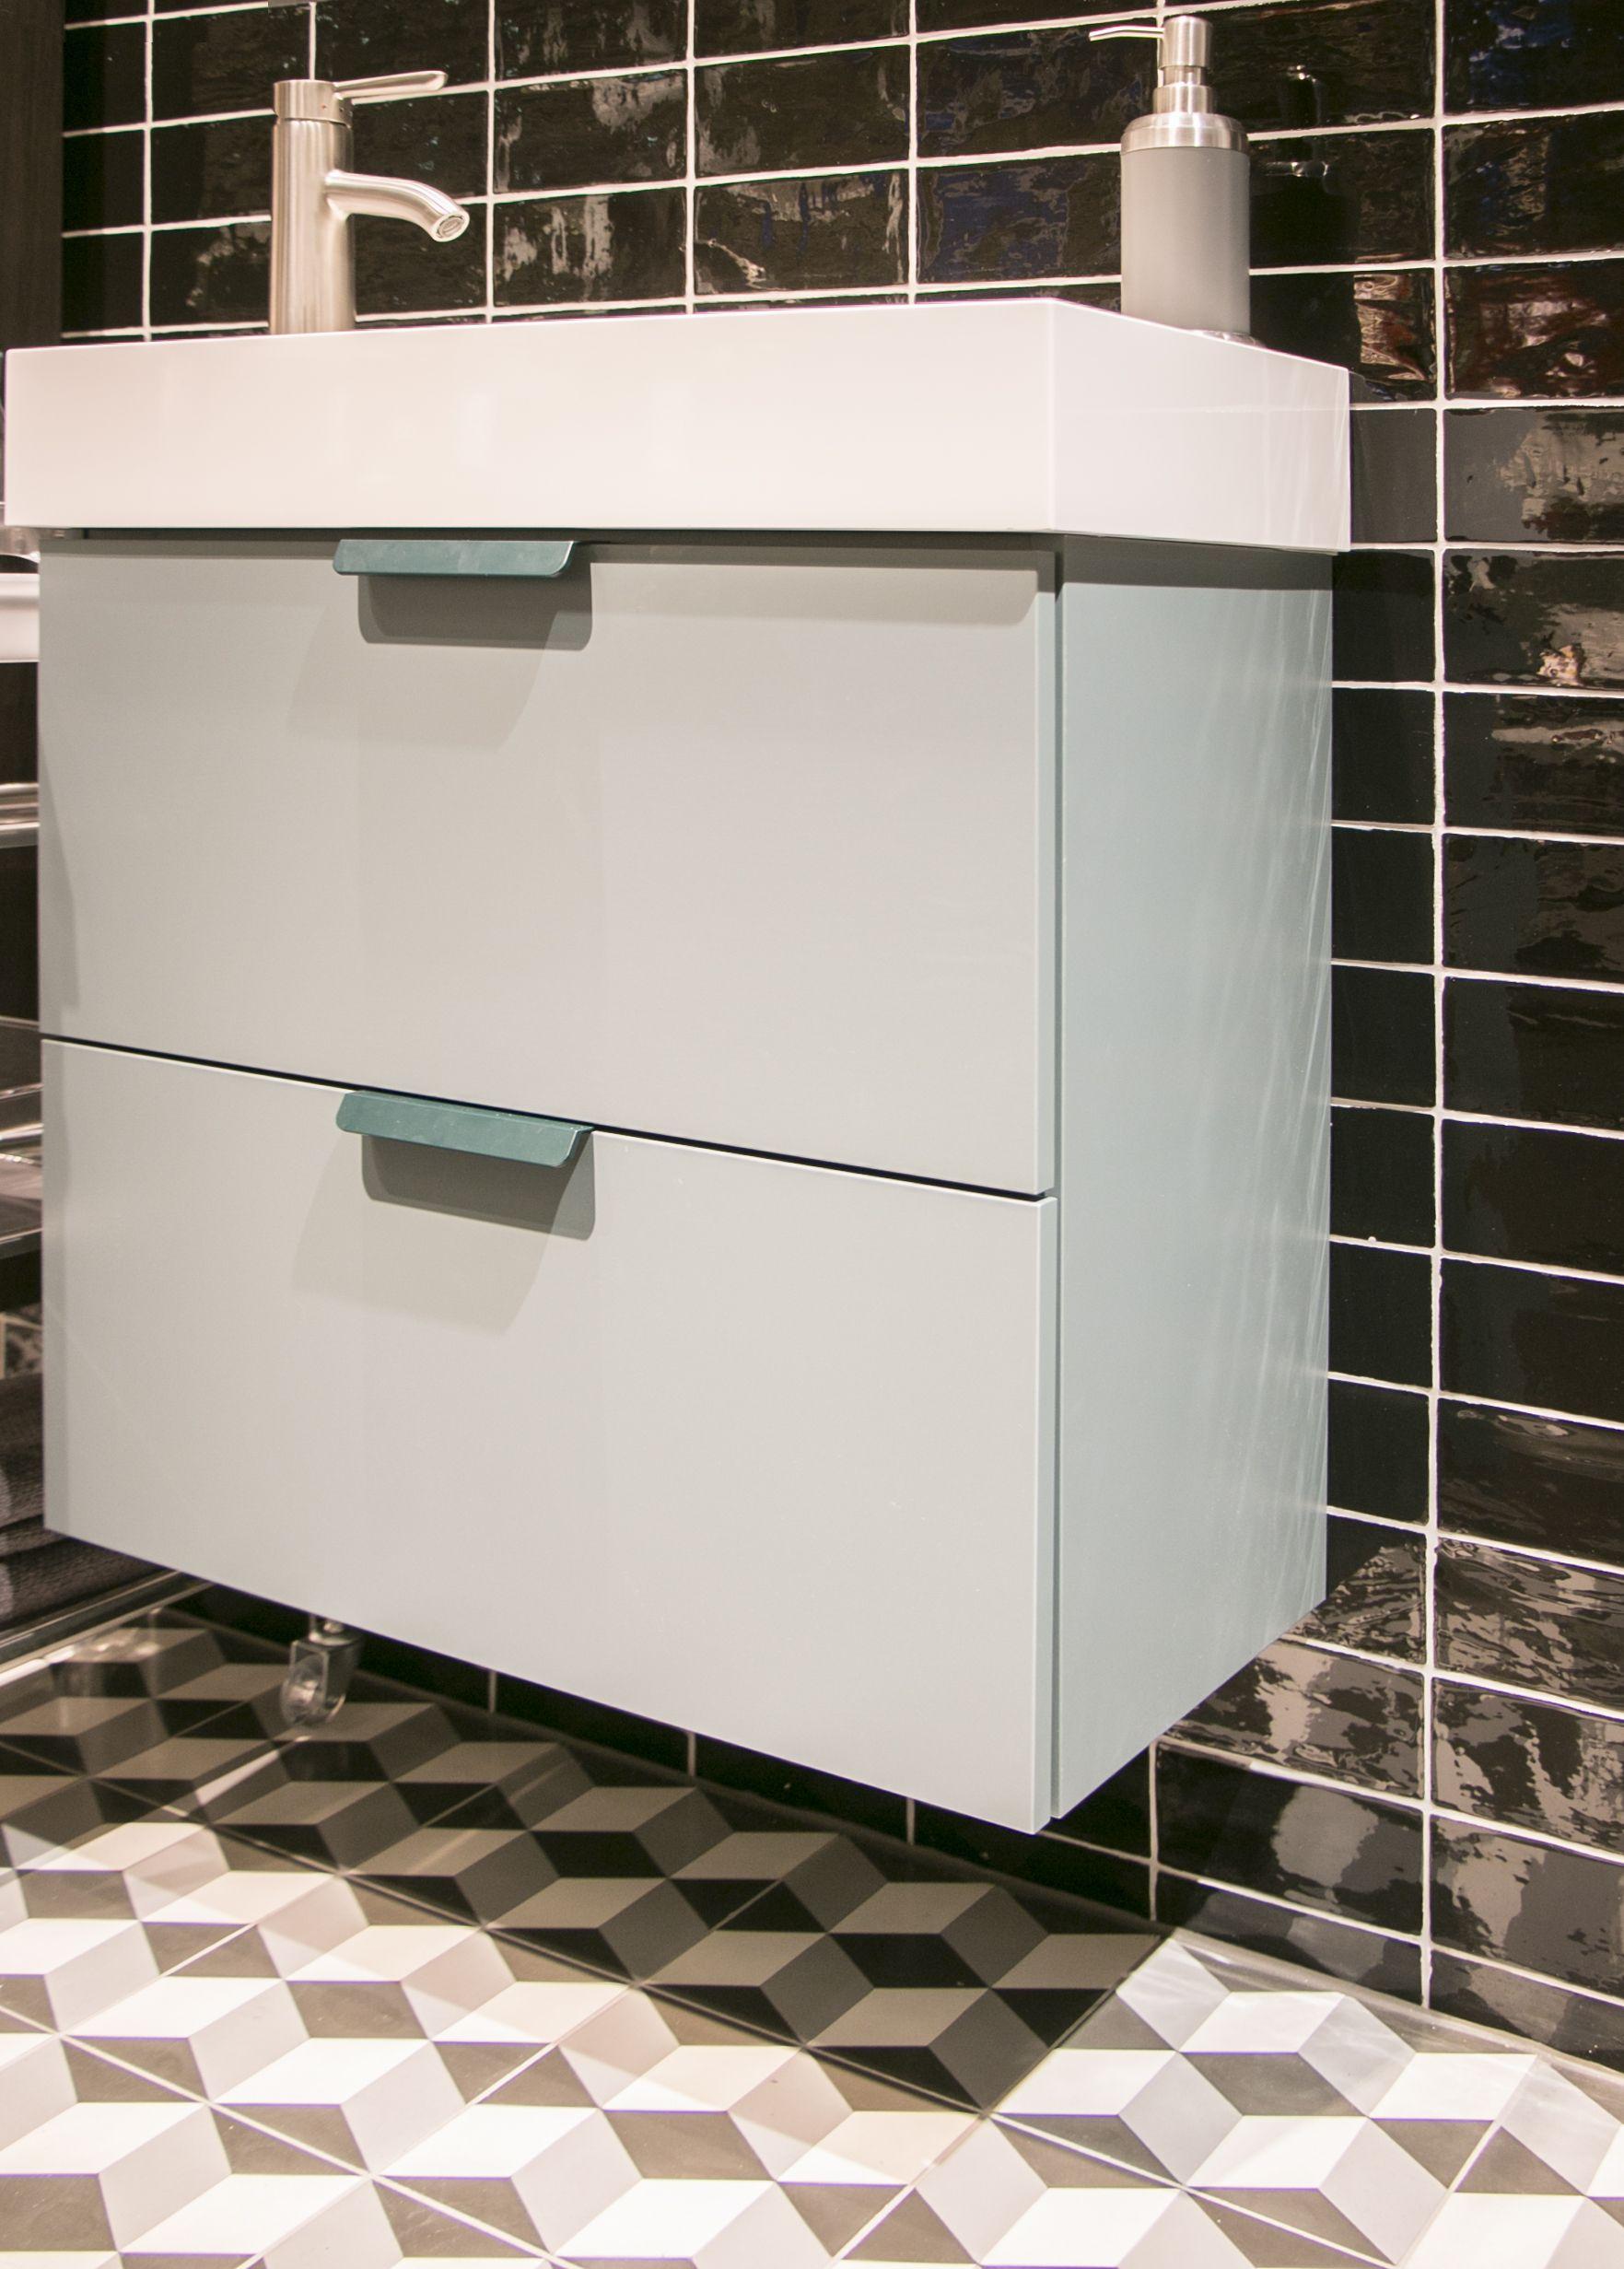 Designtegels bij IKEA. Badkamer stijlkamers met Portugese ...